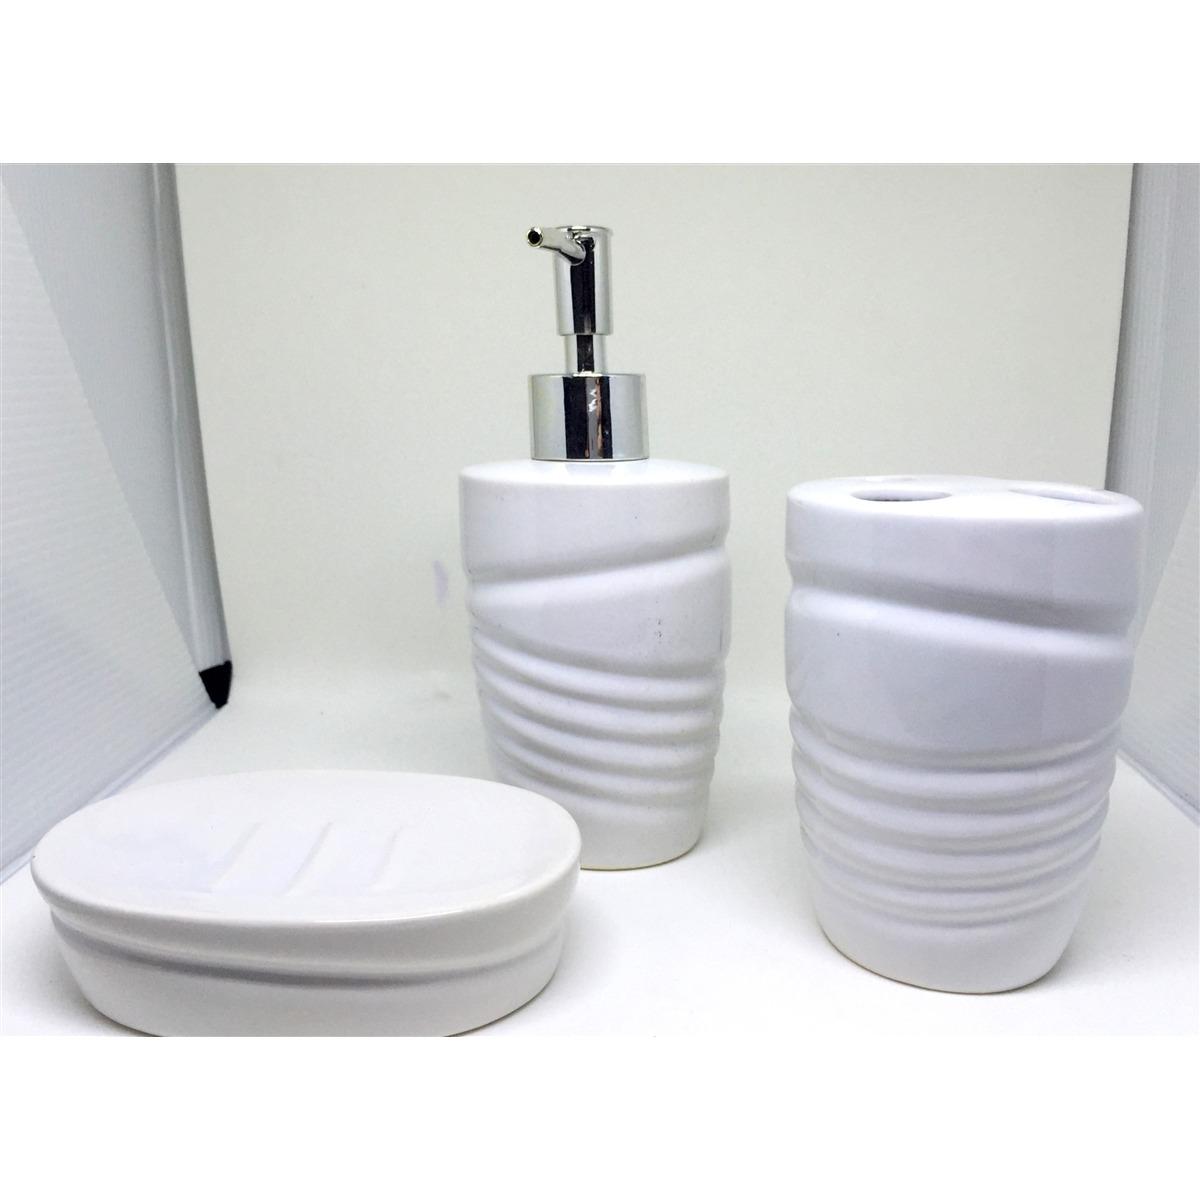 Jogo De Banheiro Lavabo De Porcelana Completo Saboneteira Es R$ 39  #17171D 1200 1200